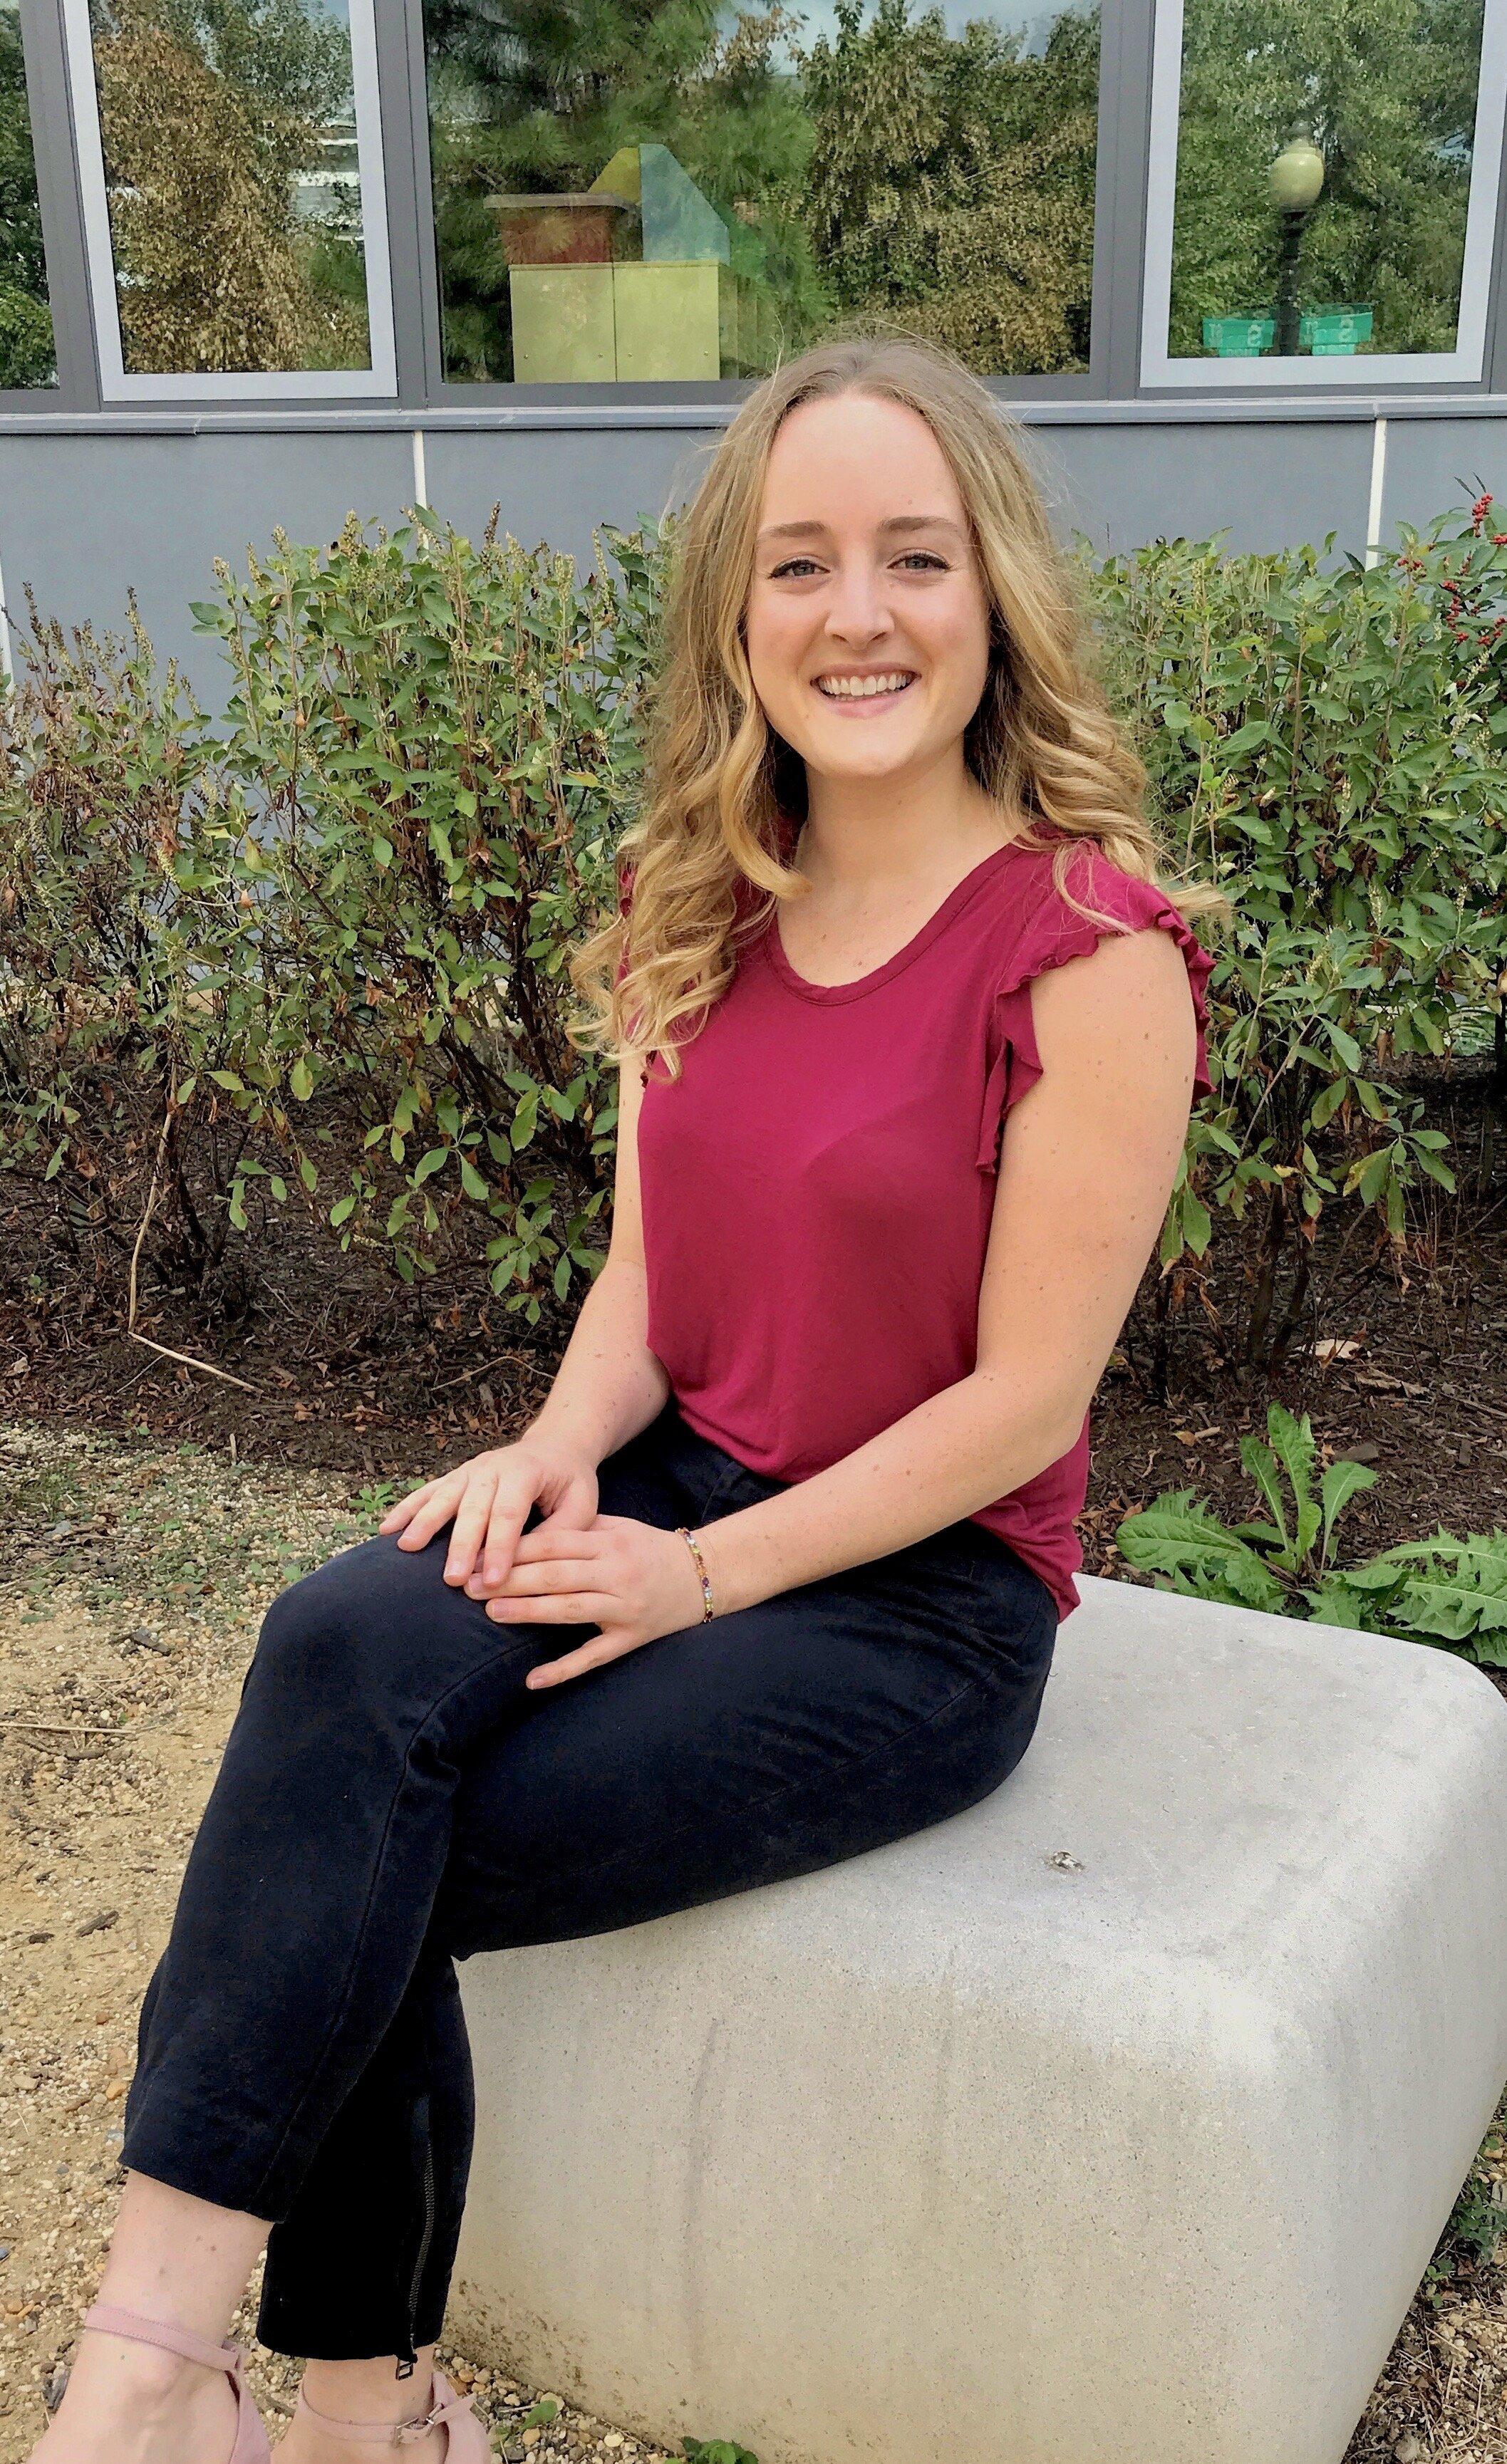 Lauren Oddo, M.S. - Doctoral Student